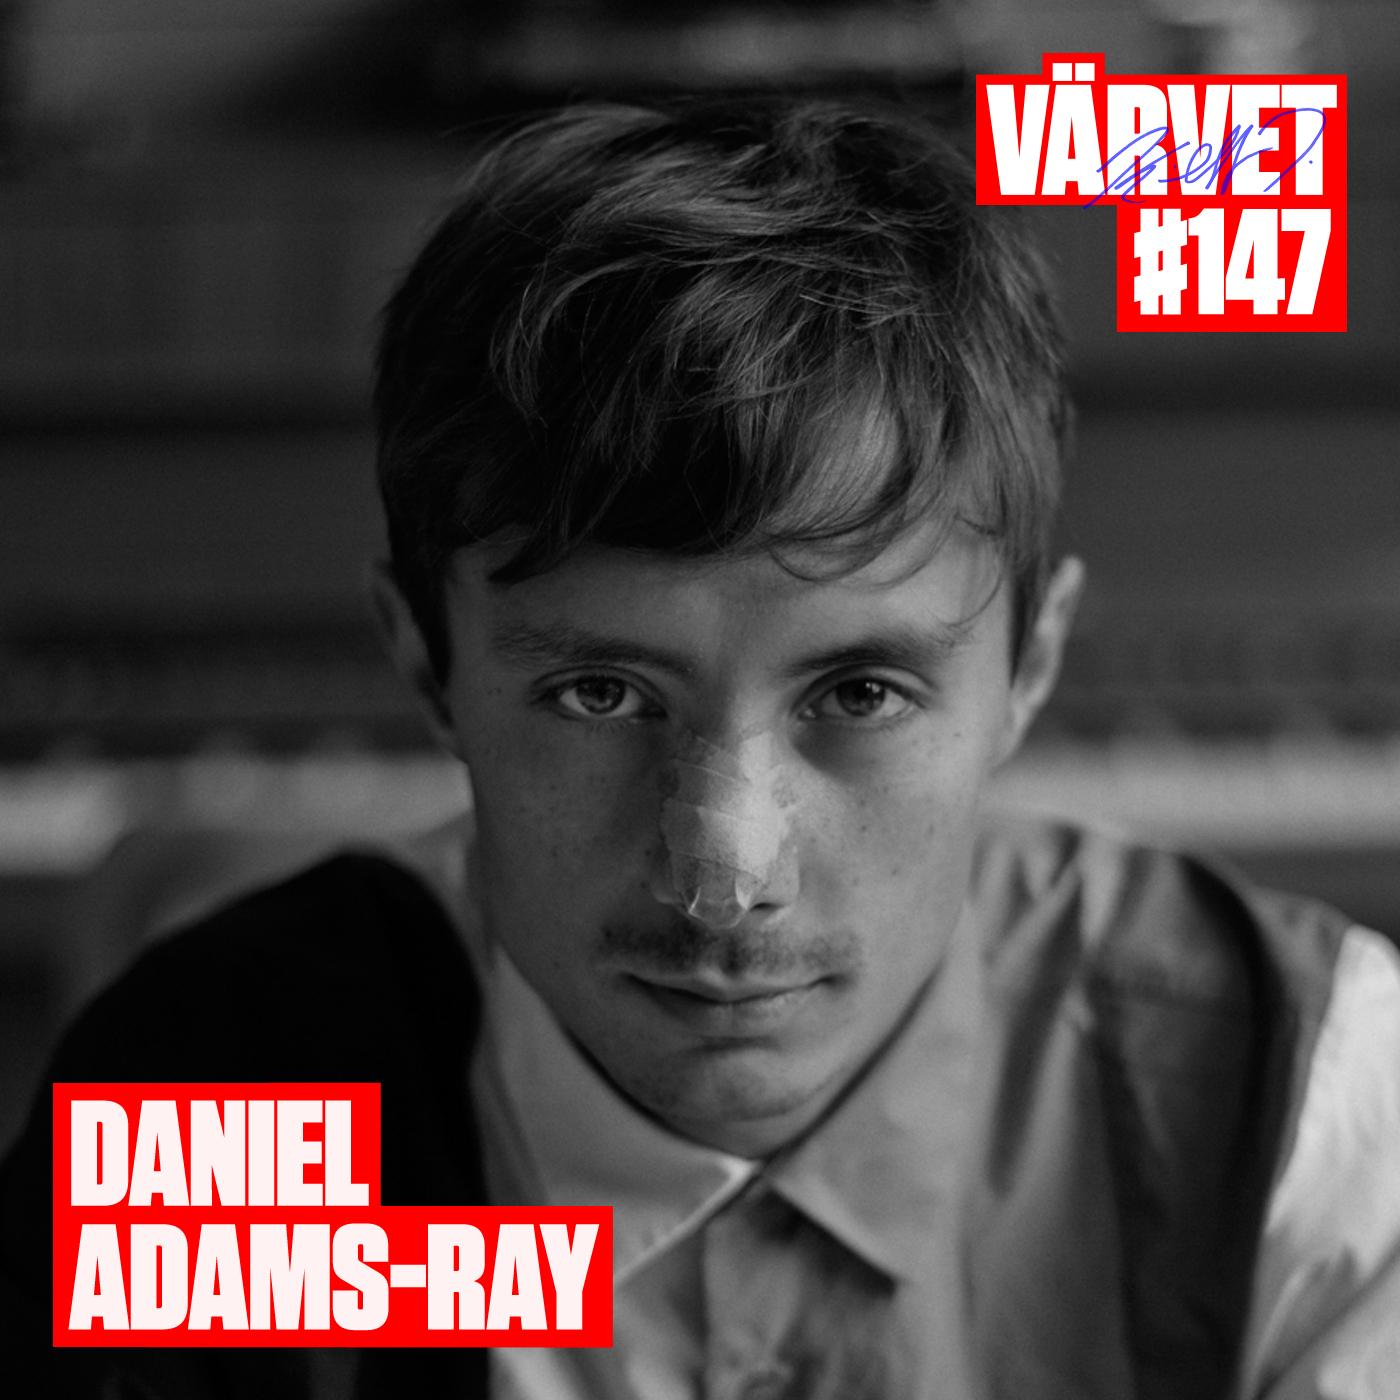 #147: Daniel Adams-Ray